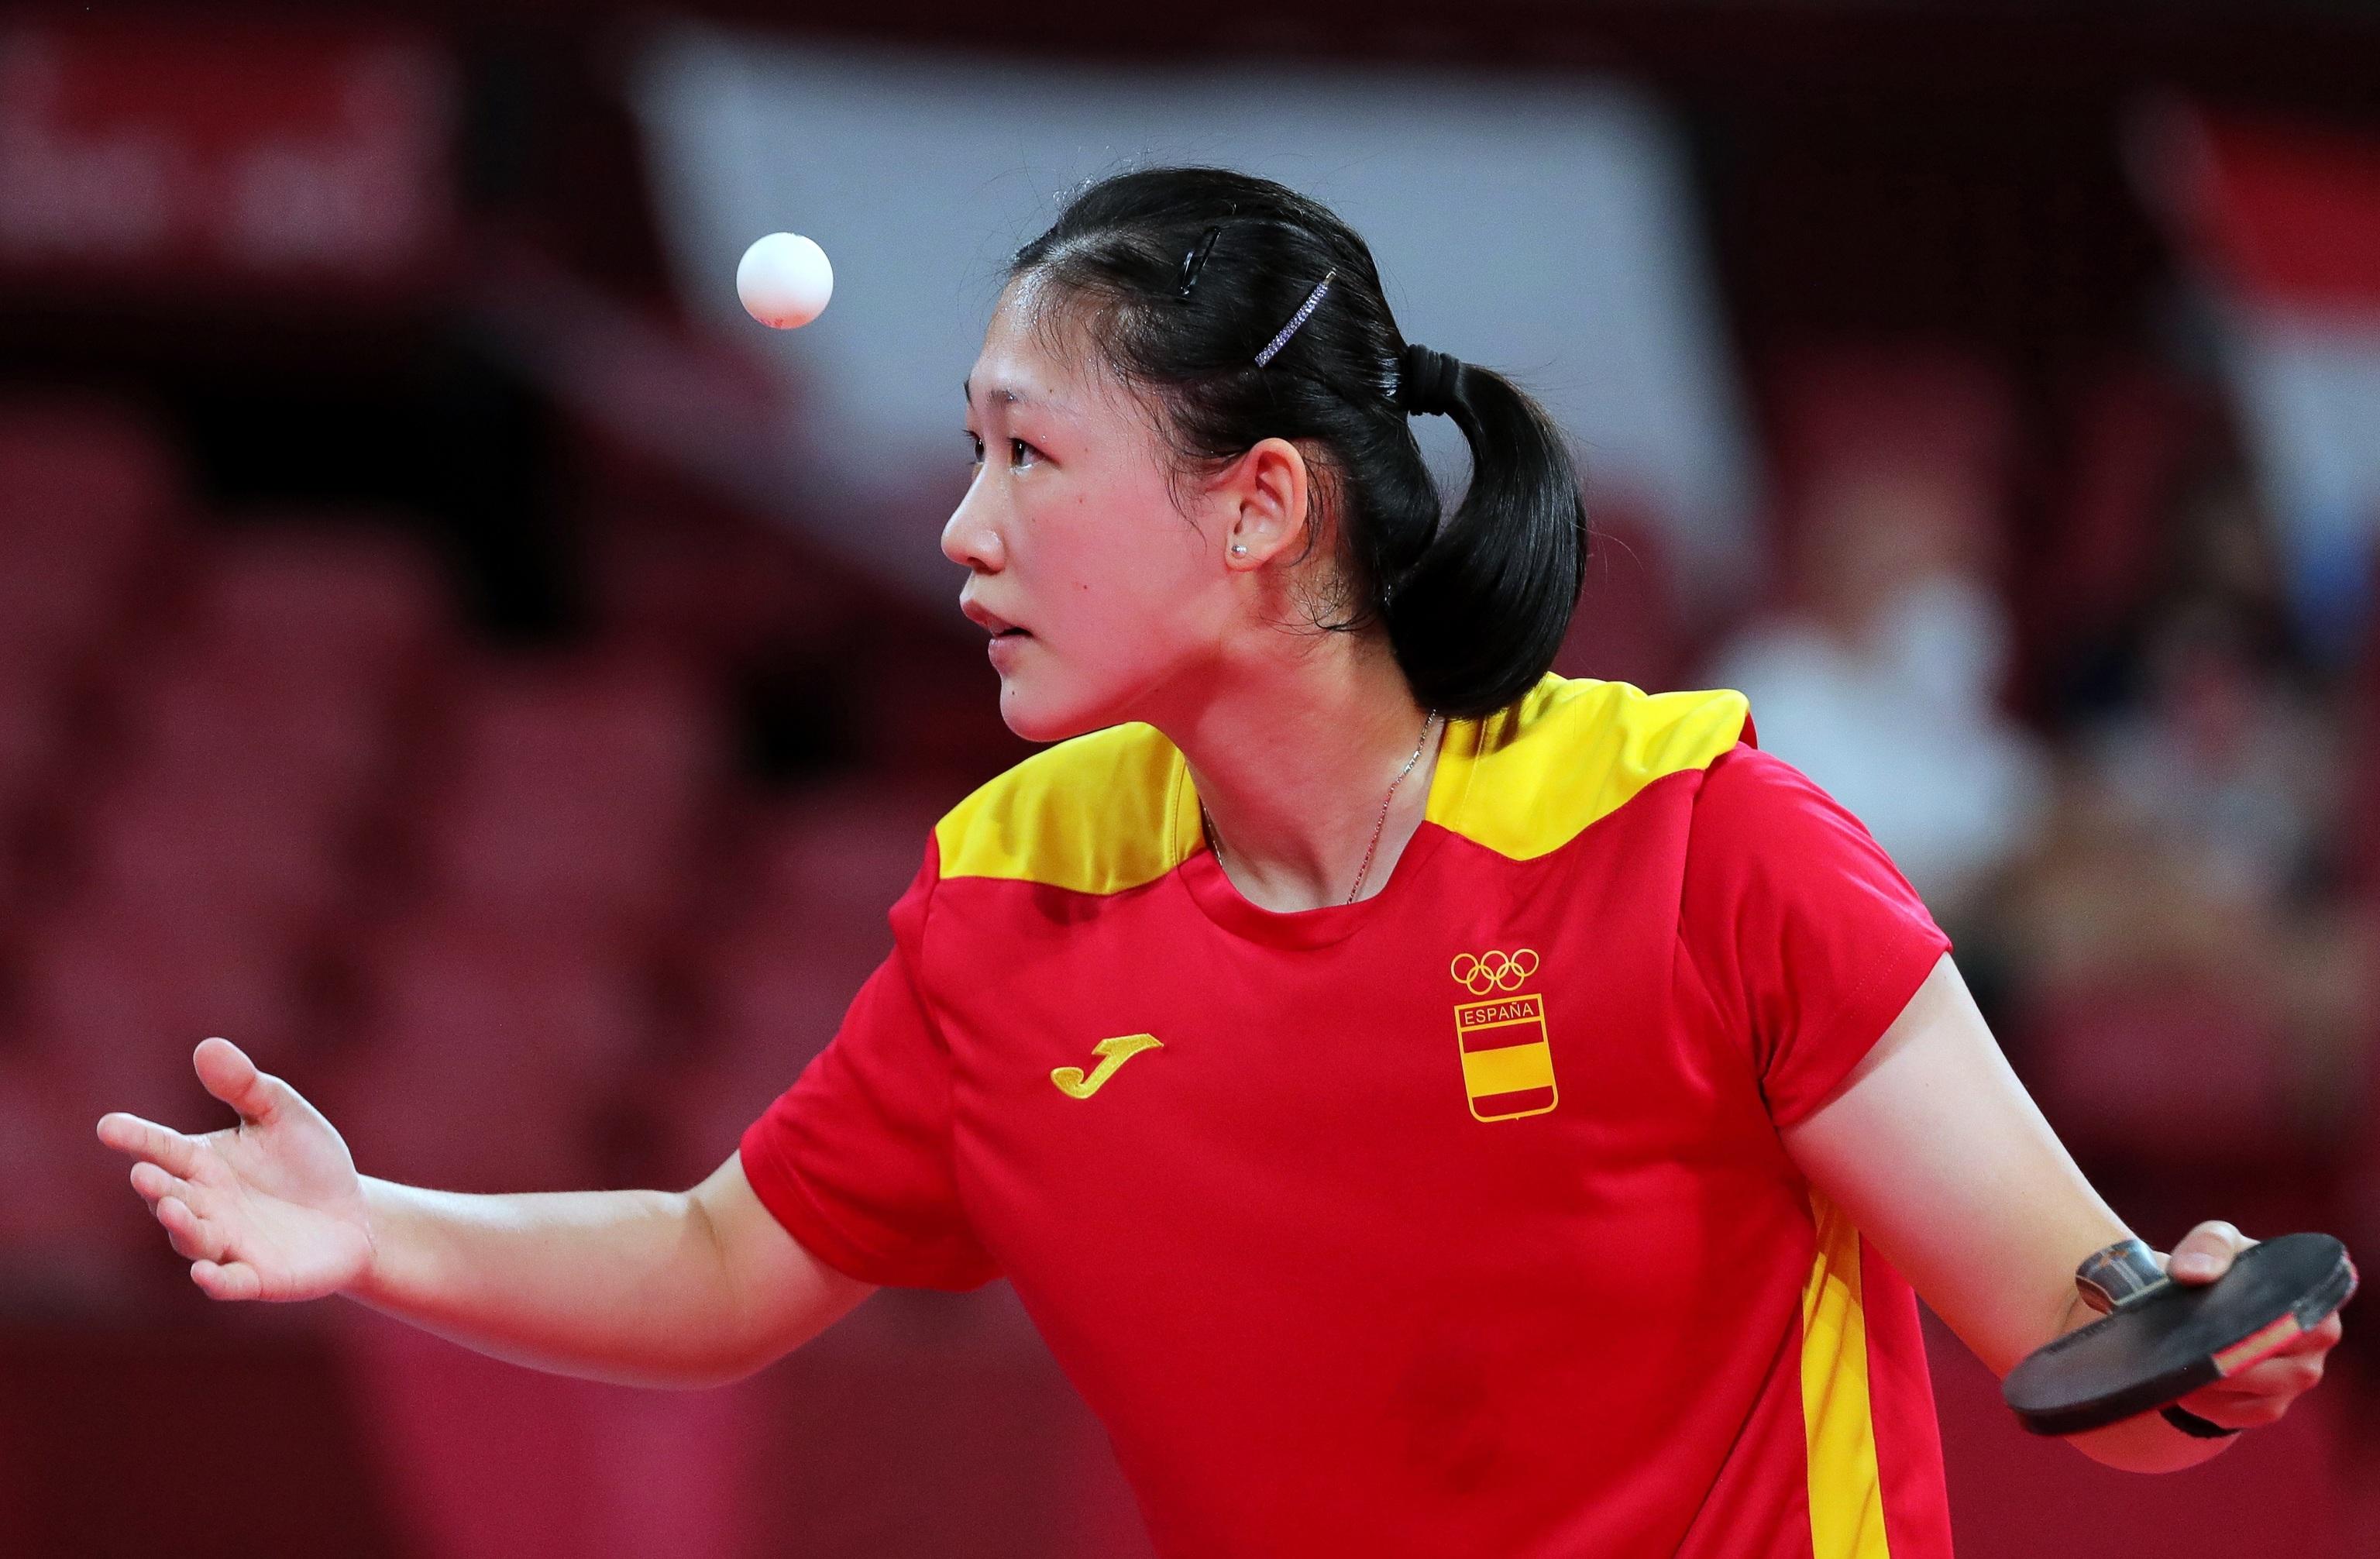 Maria Xiao - España - tenis de mesa - Juegos Olímpicos 2021 - Tokio 2020